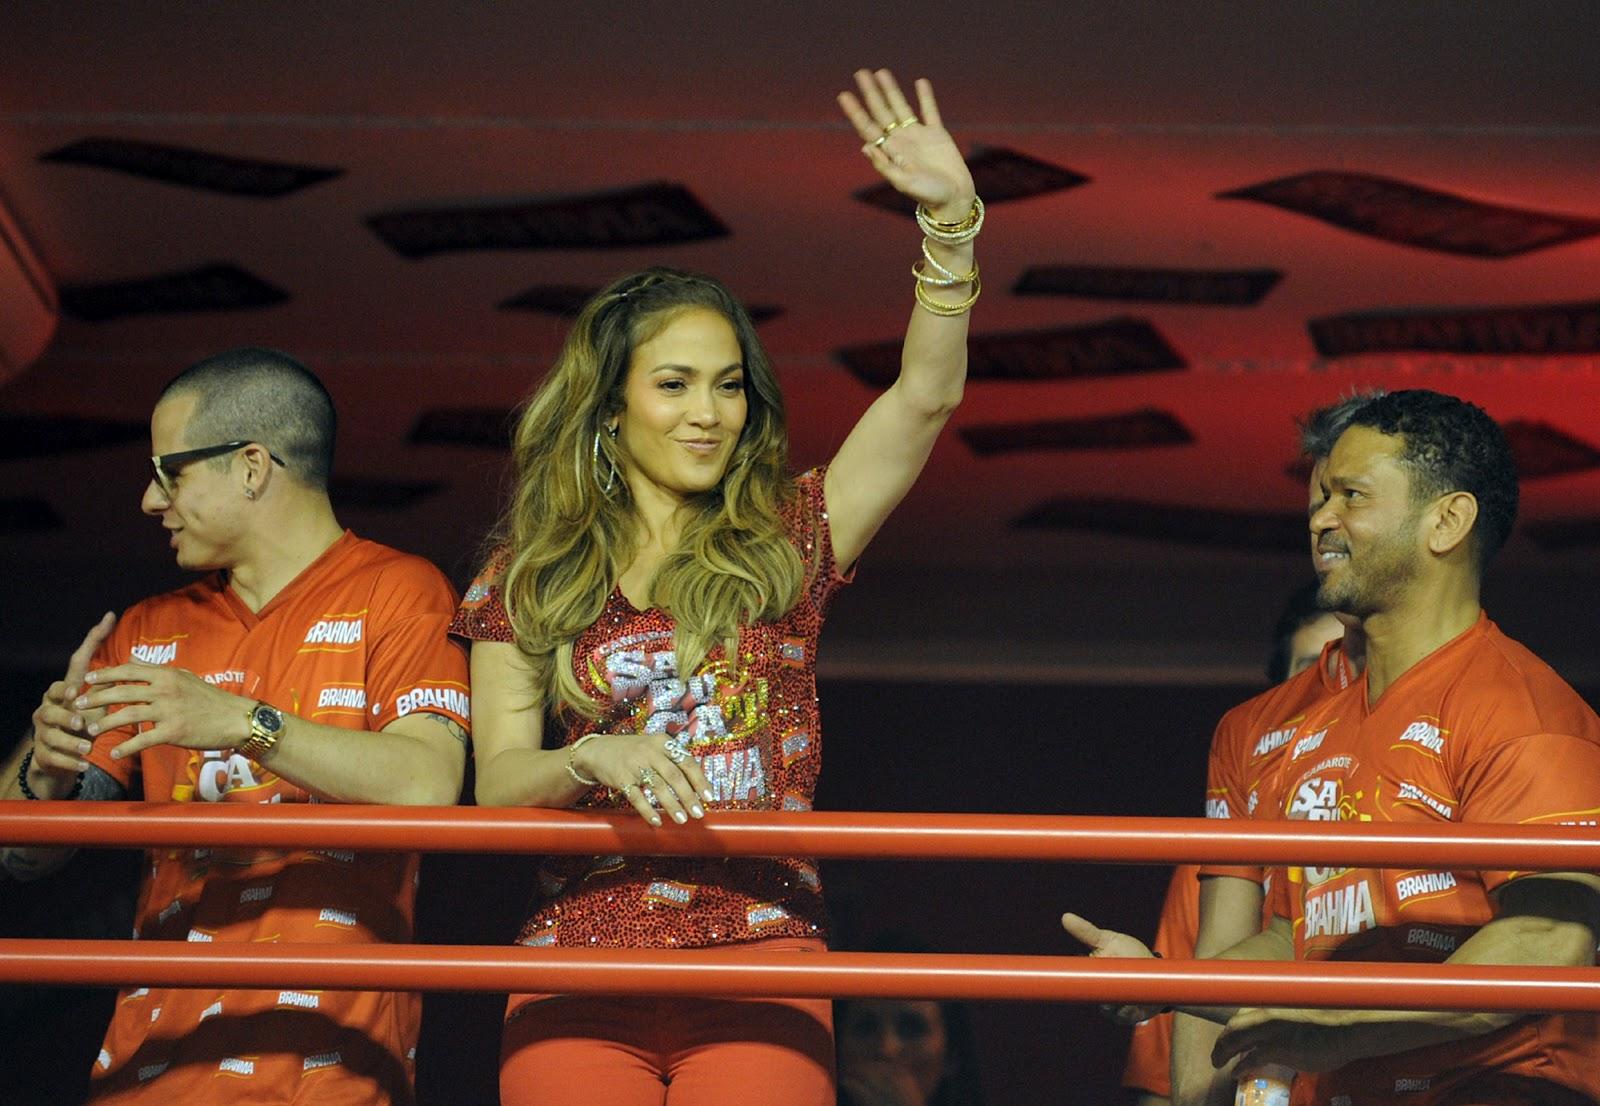 http://4.bp.blogspot.com/-3EcLKArkjD4/T6HffjL6_kI/AAAAAAAAFCs/1l3zYB4dmNQ/s1600/Jennifer+Lopez-5.jpg